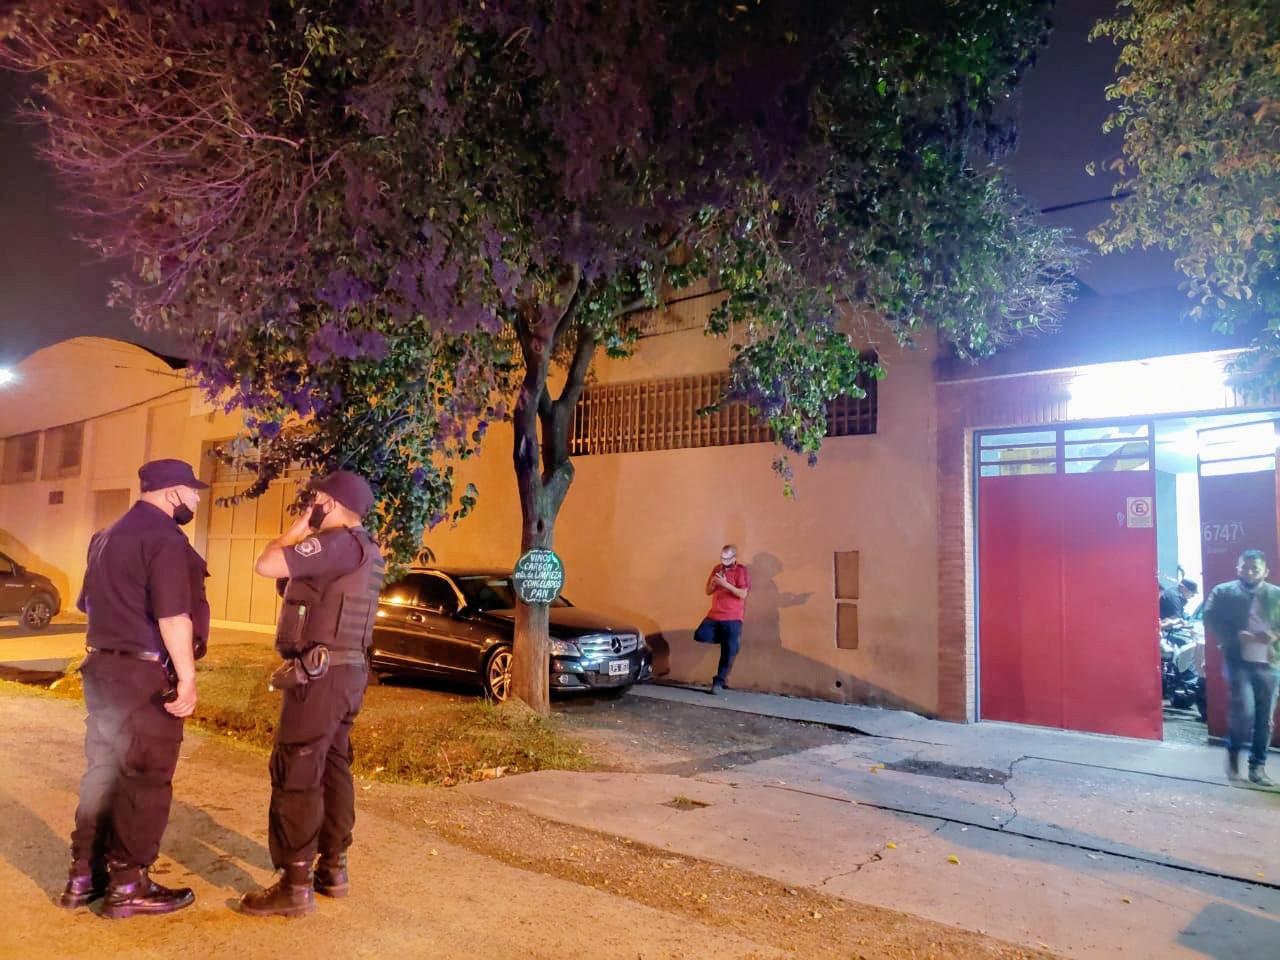 Balacera a una concesionaria en Barrio Belgrano